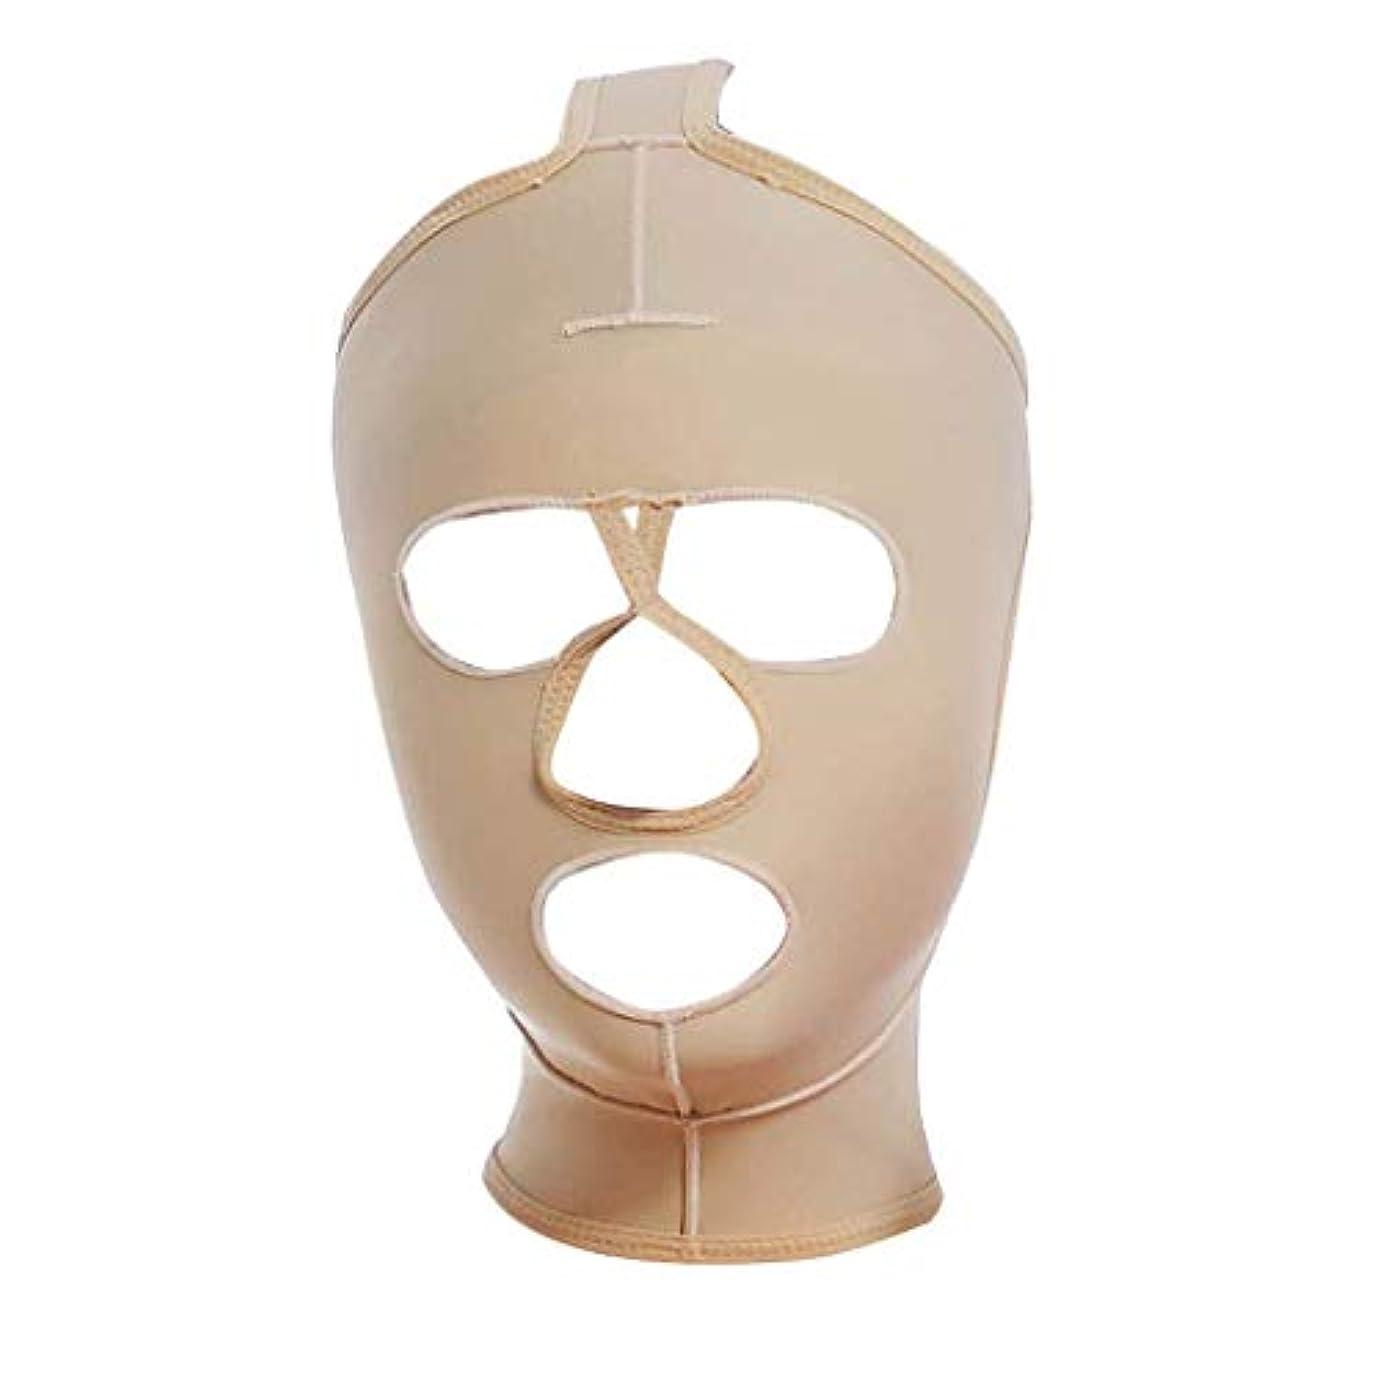 スタック反抗車両フェイス&ネックリフト、減量フェイスマスク脂肪吸引術脂肪吸引術整形マスクフードフェイスリフティングアーティファクトVフェイスビームフェイス弾性スリーブ(サイズ:XXL),M